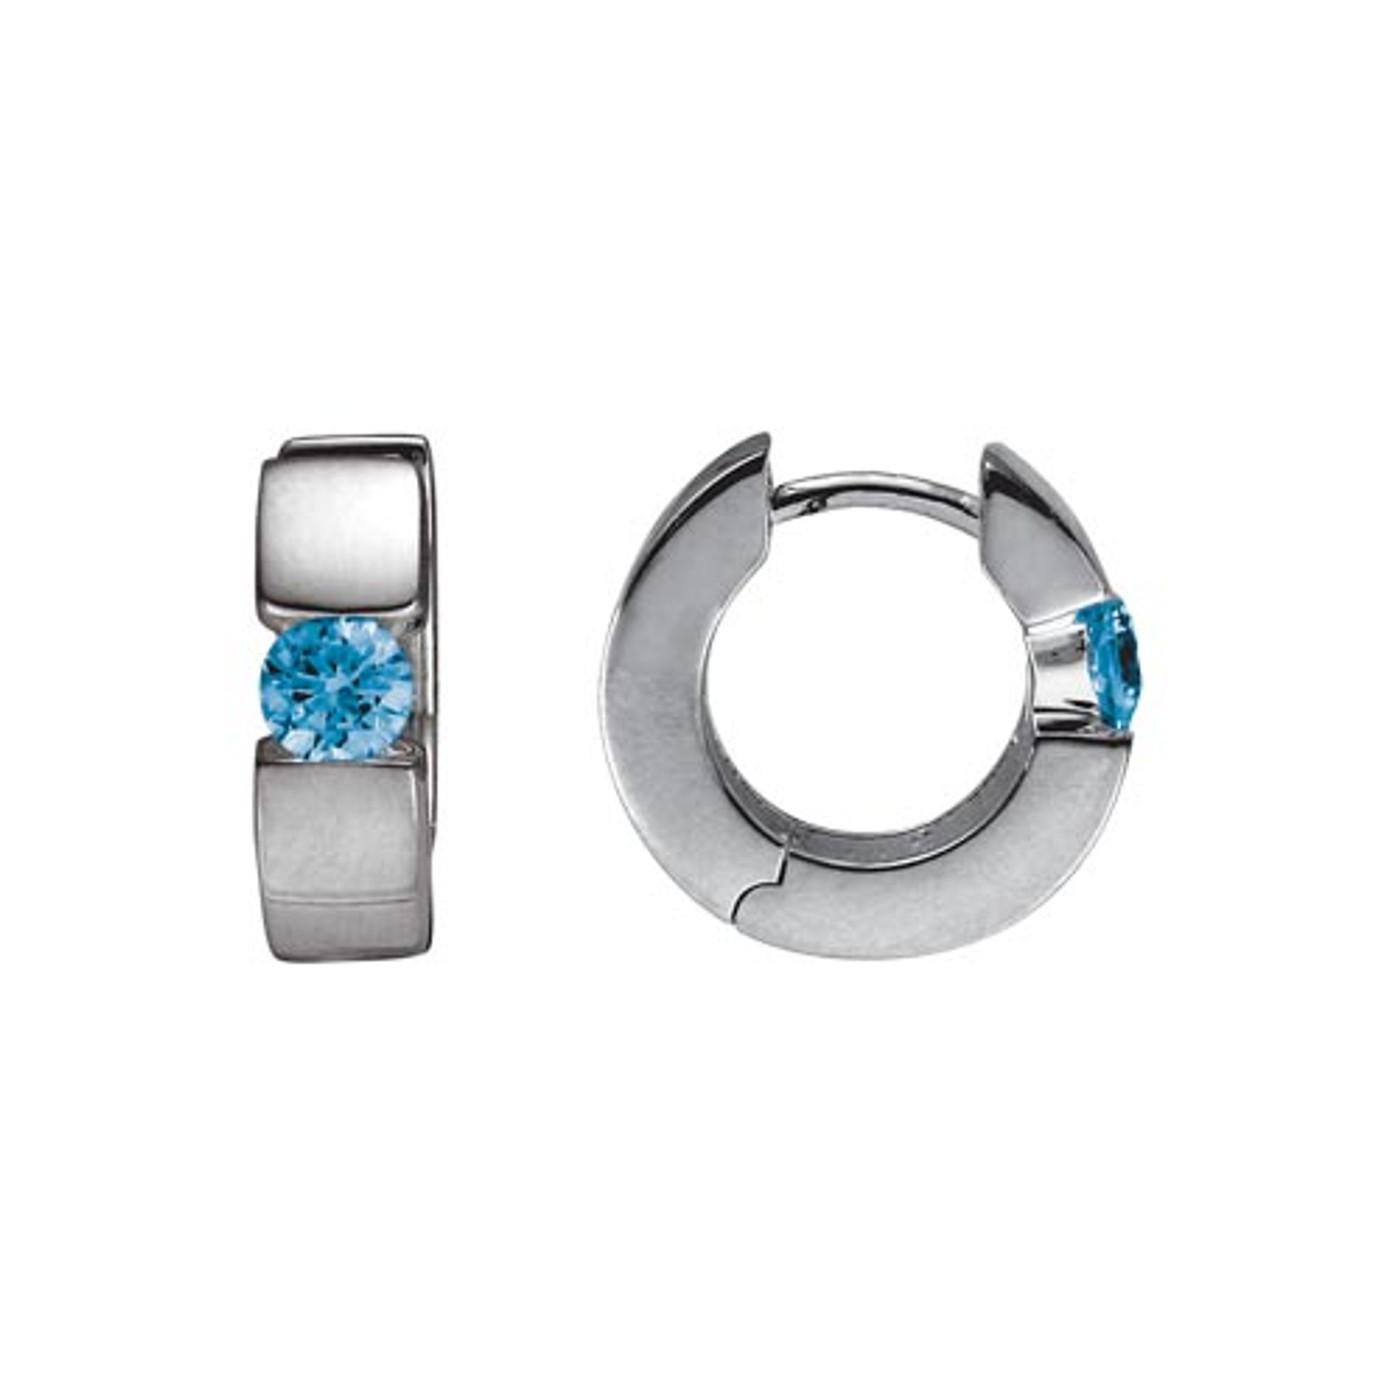 Sterling Silver Hinged Hoop Earrings with Blue Topaz